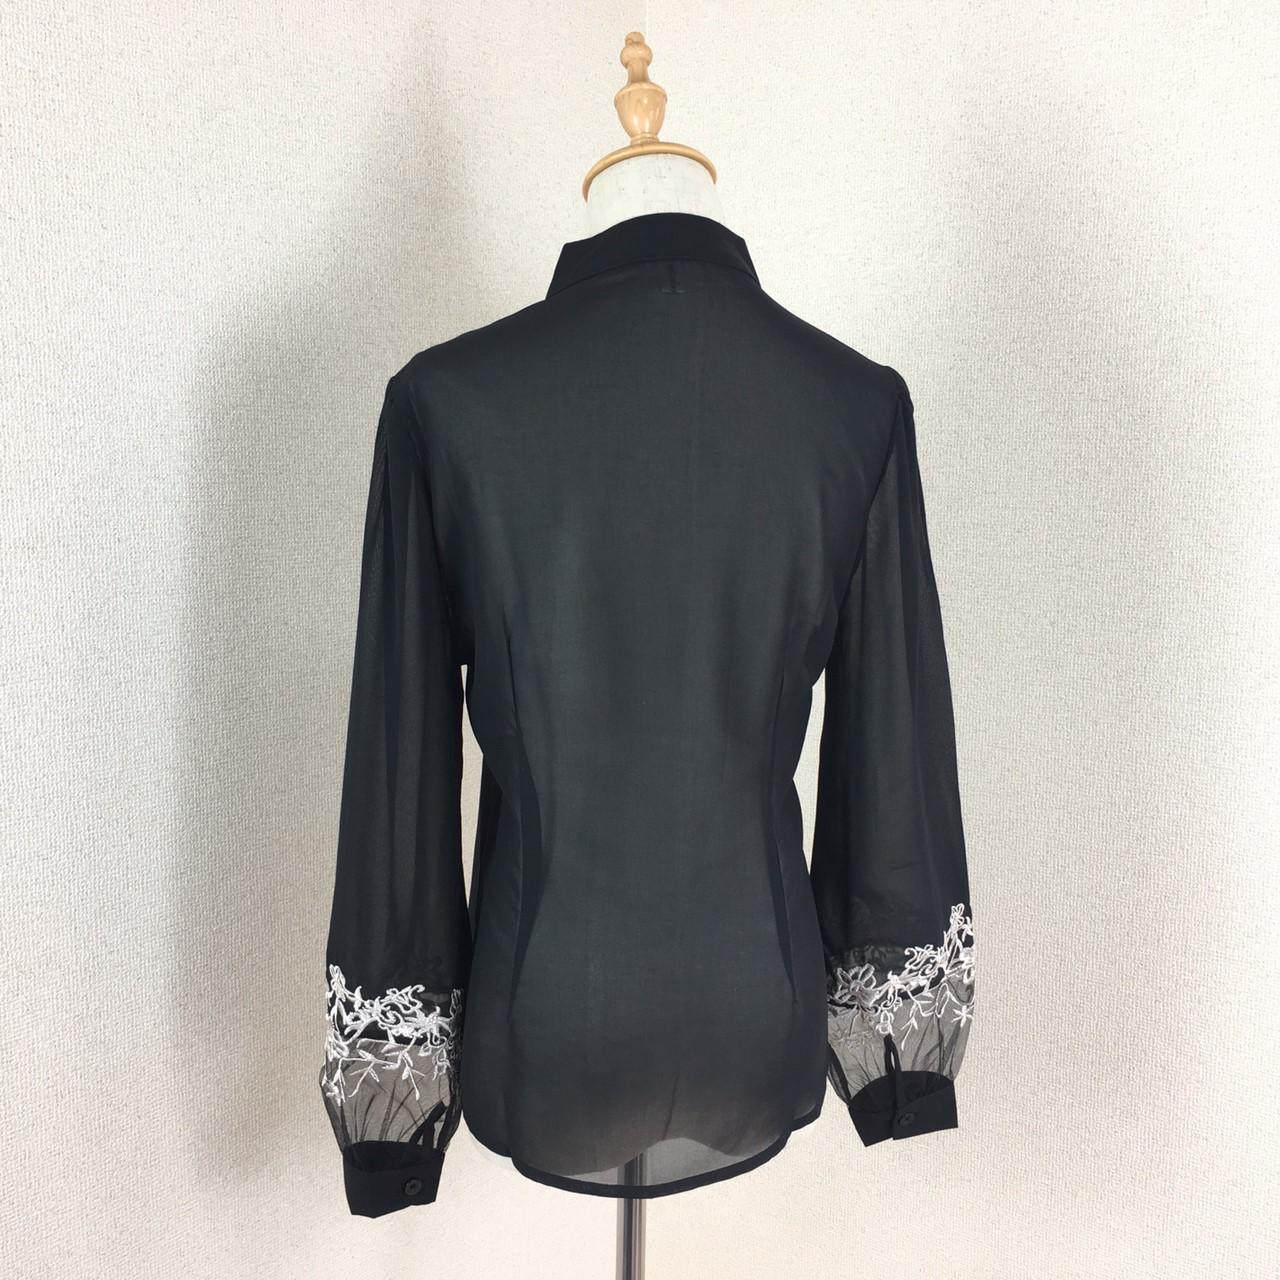 「凛と着こなす♪」黒地に刺繍が映える☆知的ブラウス 夏 春 PTX8814の写真12枚目